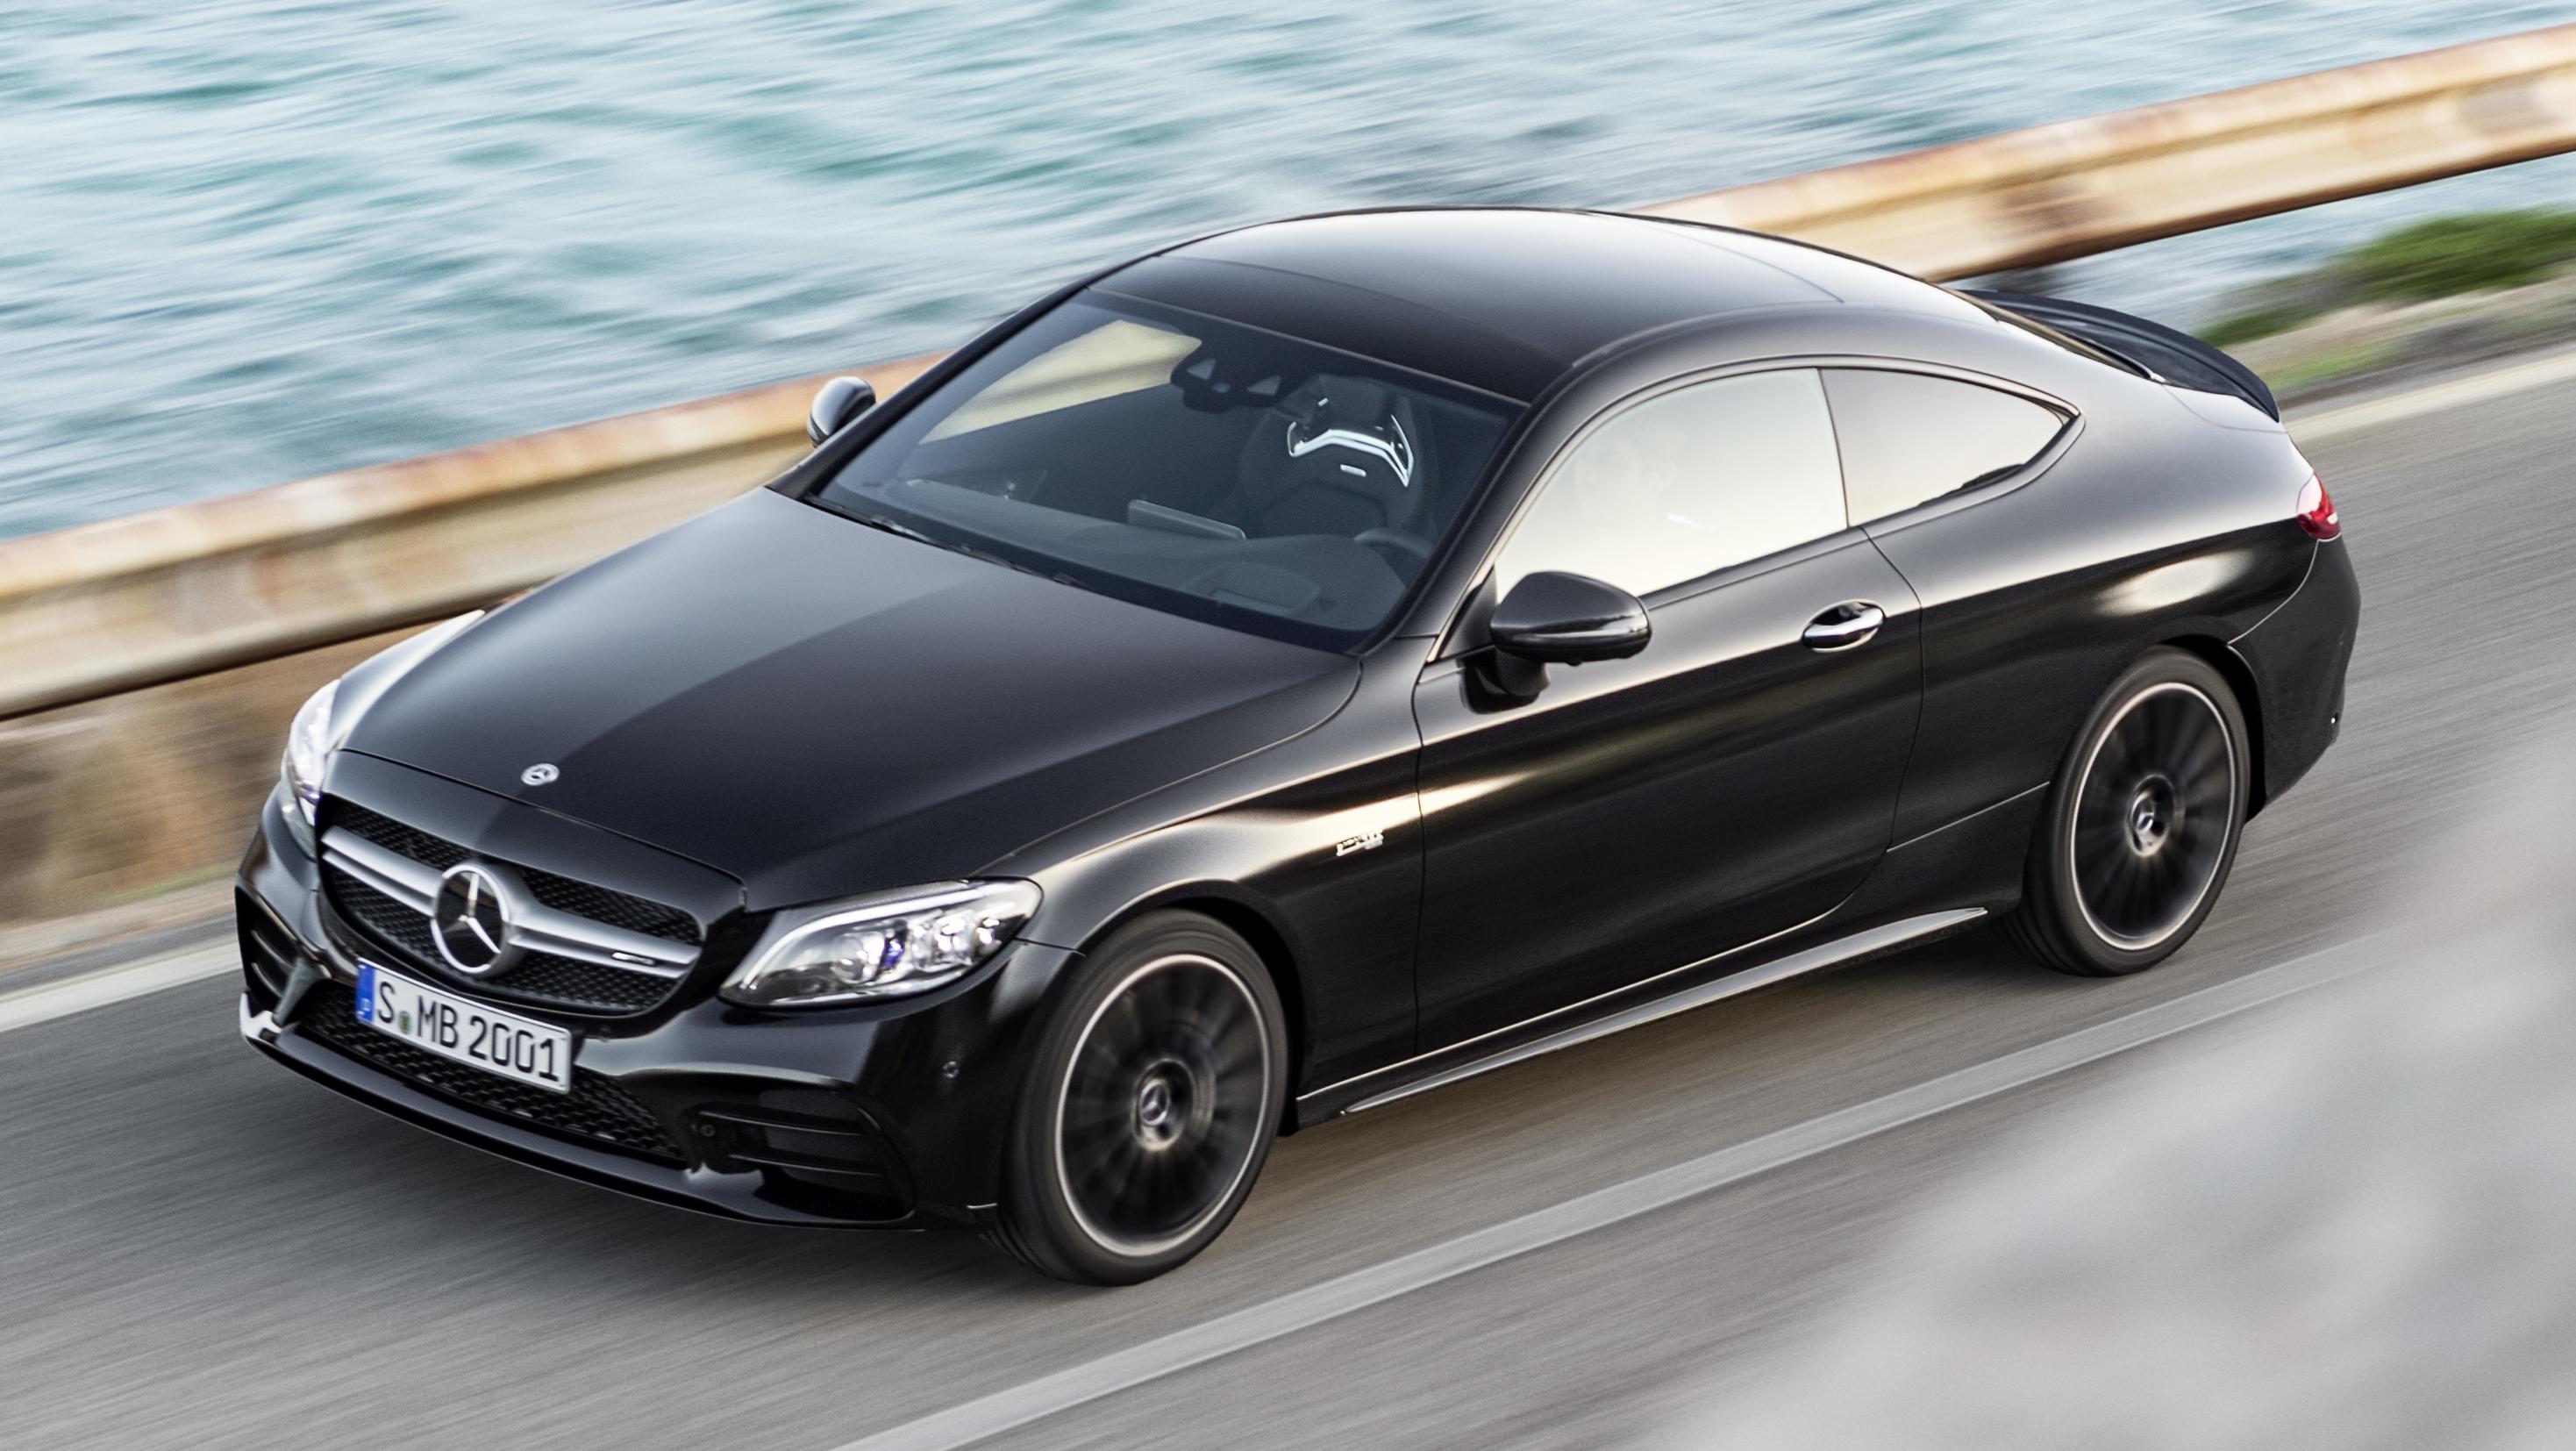 同步升级,小改款 C205 Mercedes Amg C43 4matic Coupe 以及 A205 C43